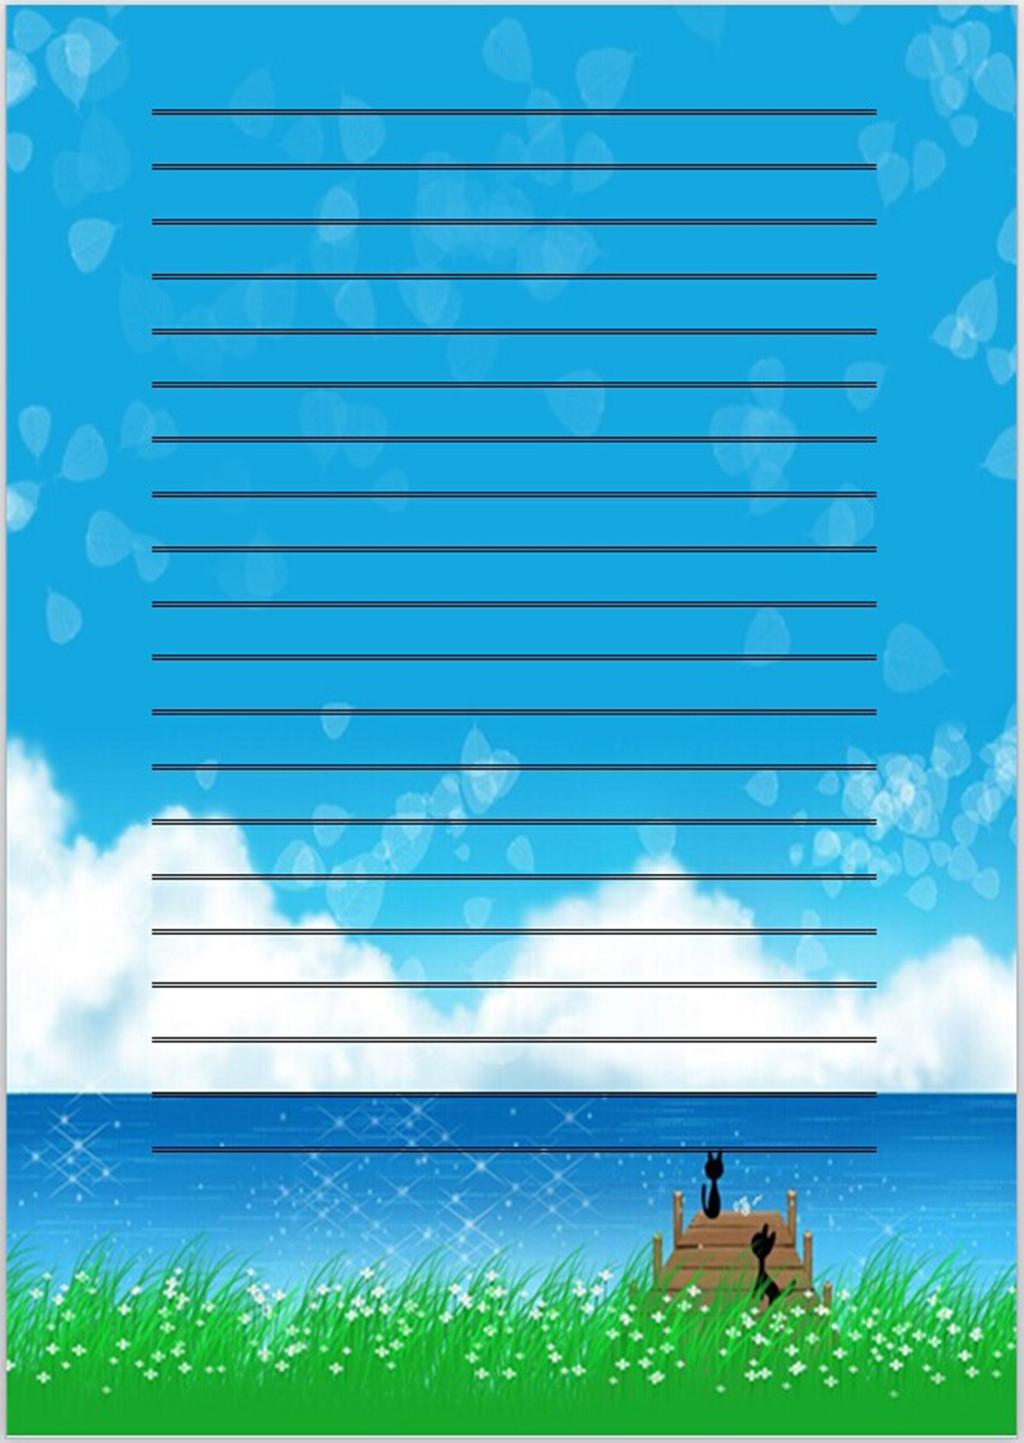 蓝色天空信纸背景